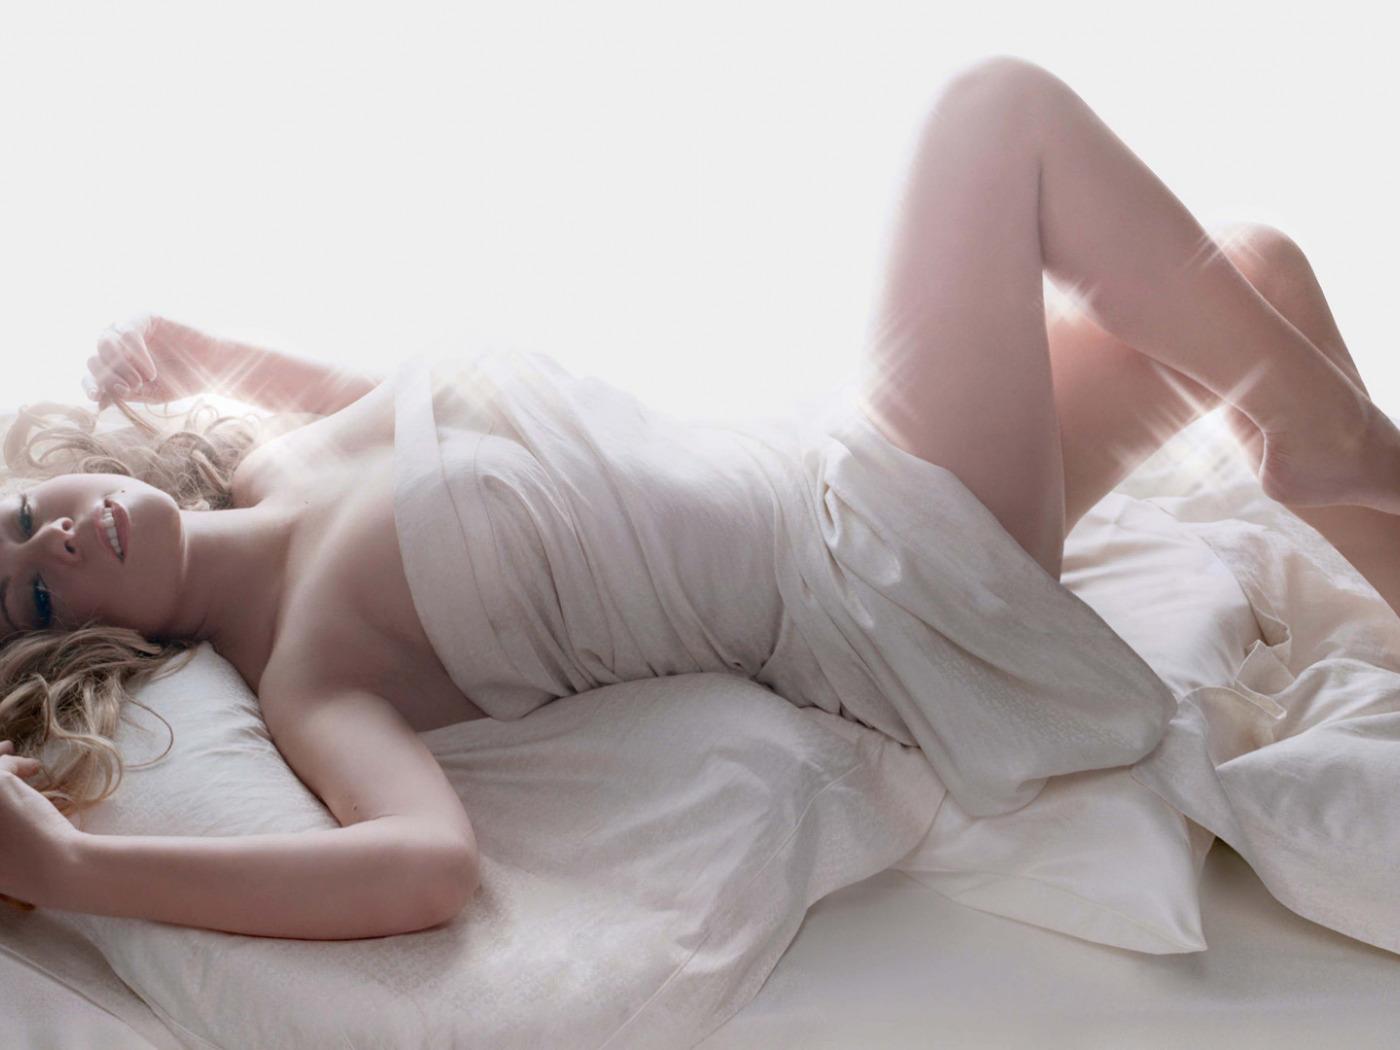 онлайн белых голая блондинка утром в постели это неудивительно